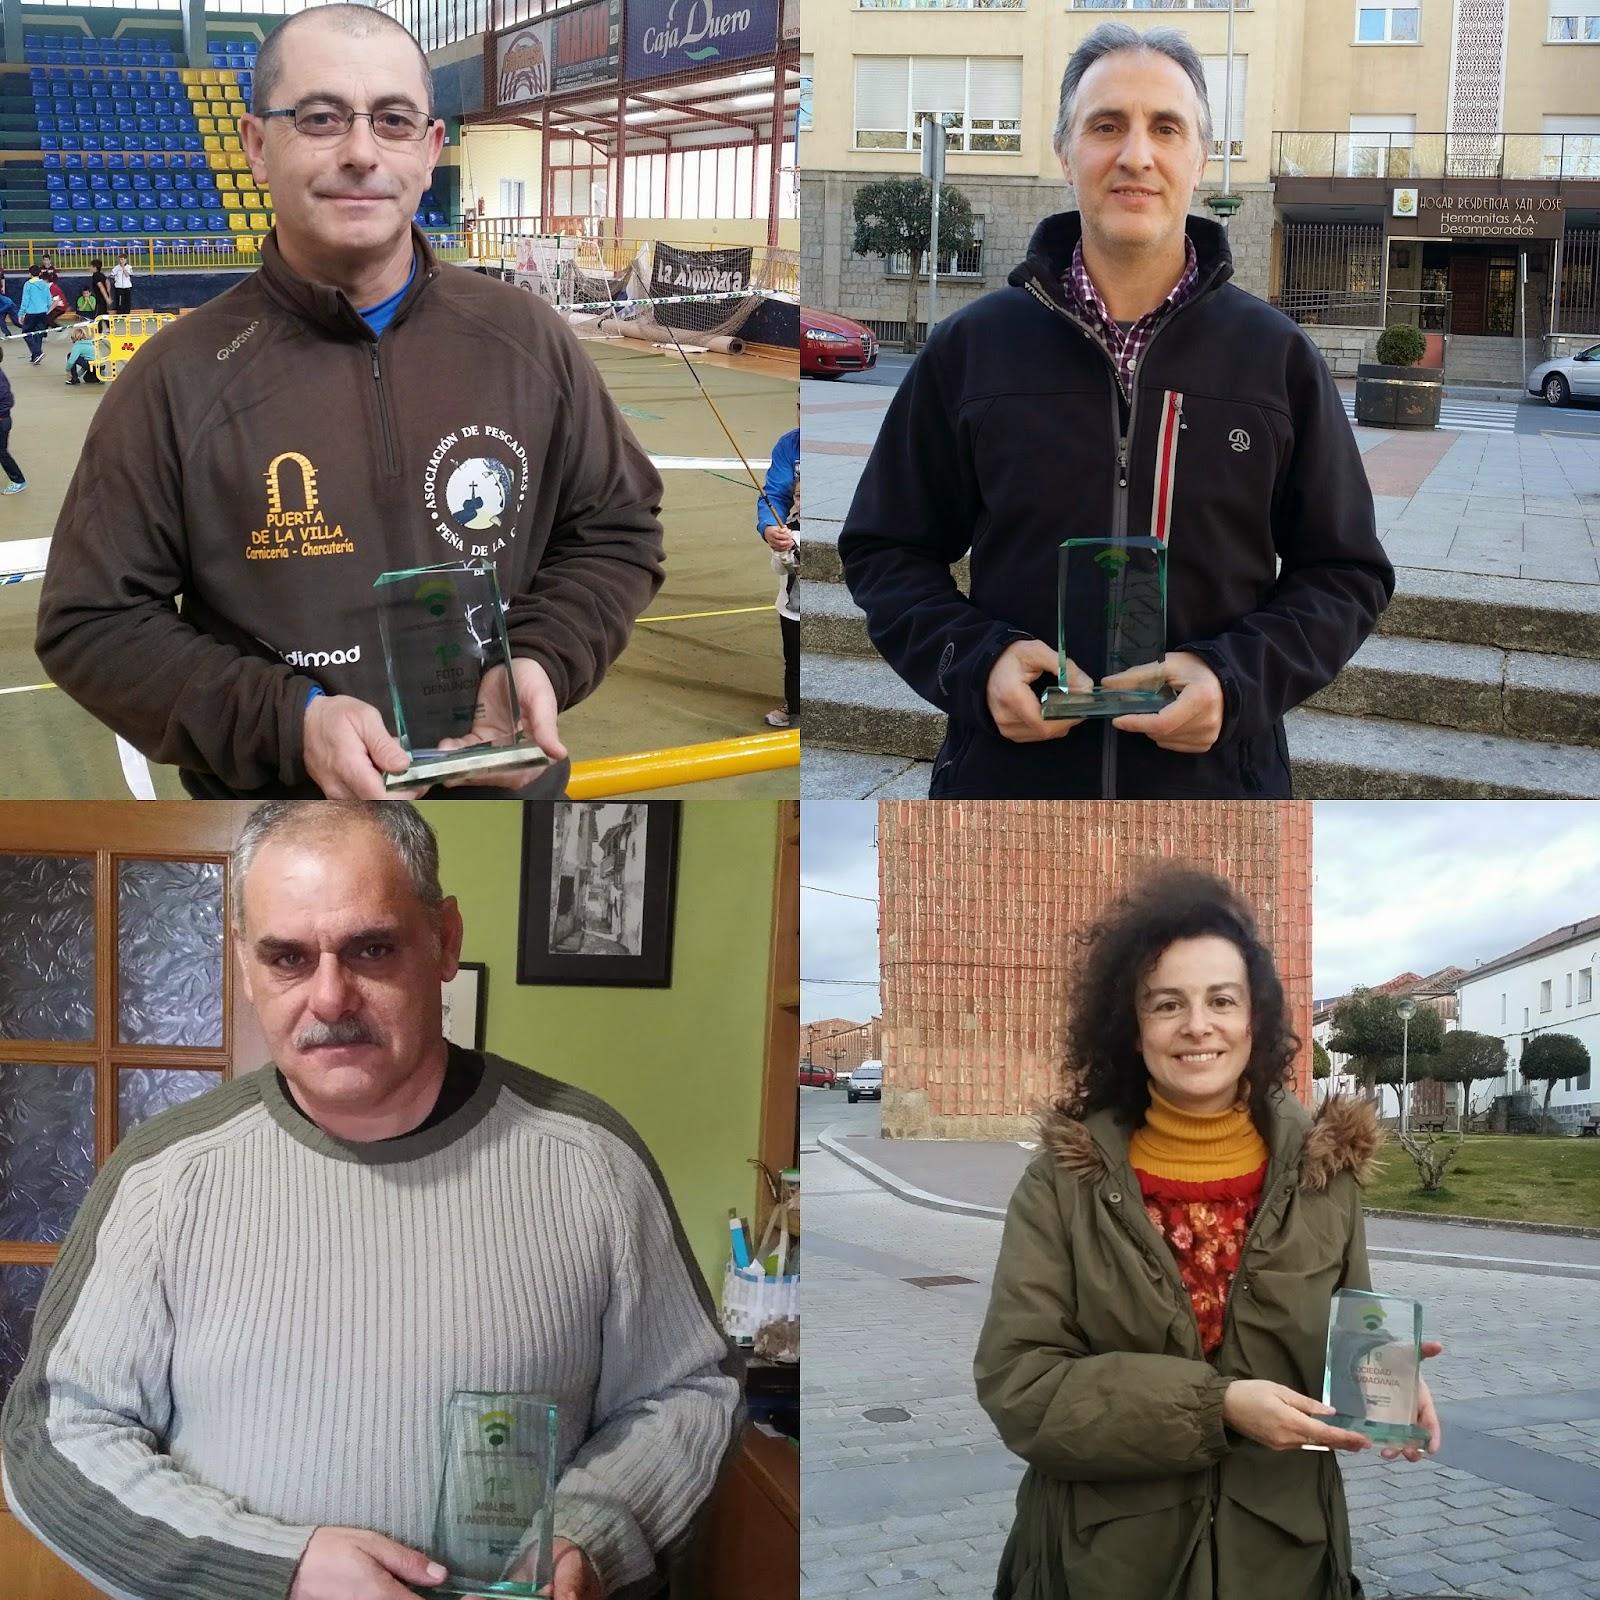 https://lh5.googleusercontent.com/-OASLdxkrTd4/VP1__ra-VhI/AAAAAAAALEc/RL4zCJPNids/s865-no/Ganadores_Premio_periodista_Ciudadano.jpg